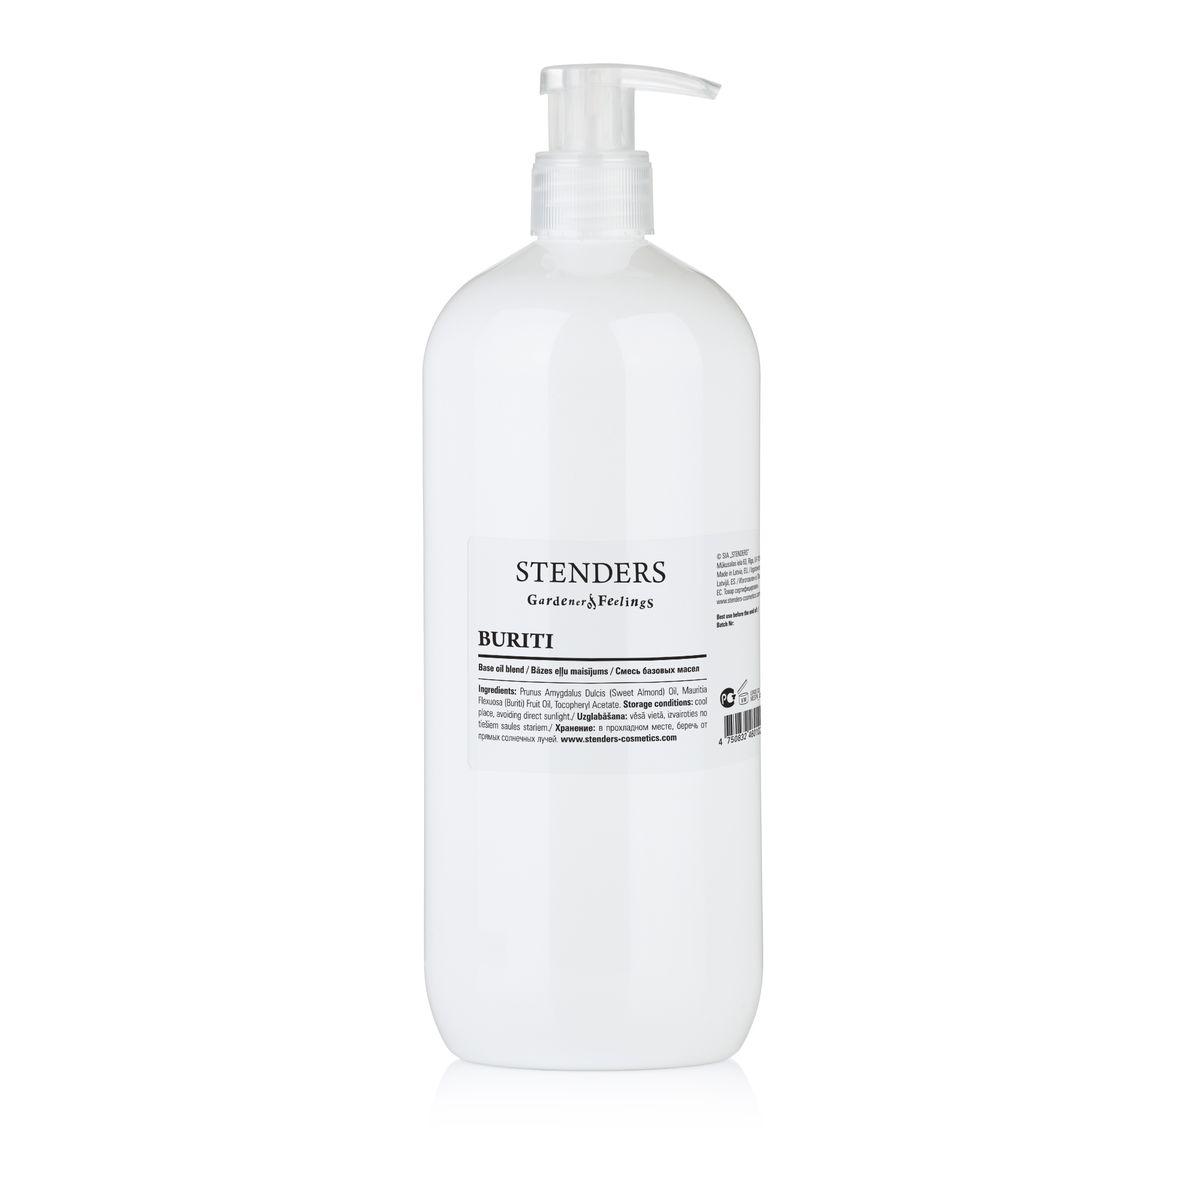 Stenders Массажное масло Бурити 1 лBESPA_06_1Смесь масла бурити и масла сладкого миндаля. Масло бурити является источником бета-каротина, который замедляет старение кожи, поскольку образует на ней натуральный защитный слой, защищающий кожу от пересушивания, вредного воздействия УФ-улей и свободных радикалов. Масло обладает сочным оранжевым цветом и придает коже тон здорового загара.